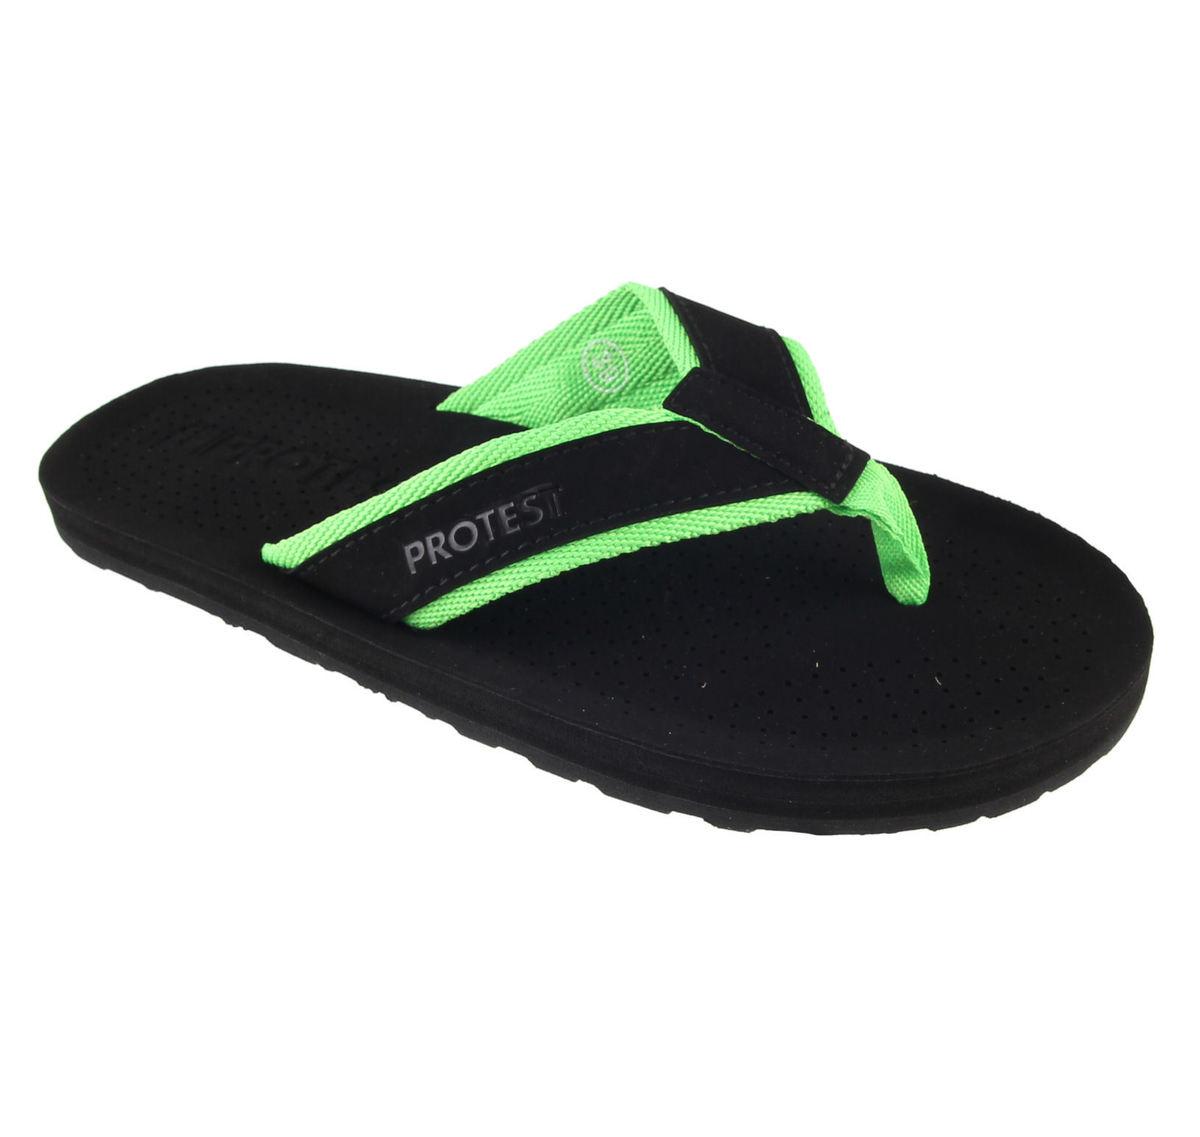 sandály pánské PROTEST - Spice - Neon Green - 5710200-355